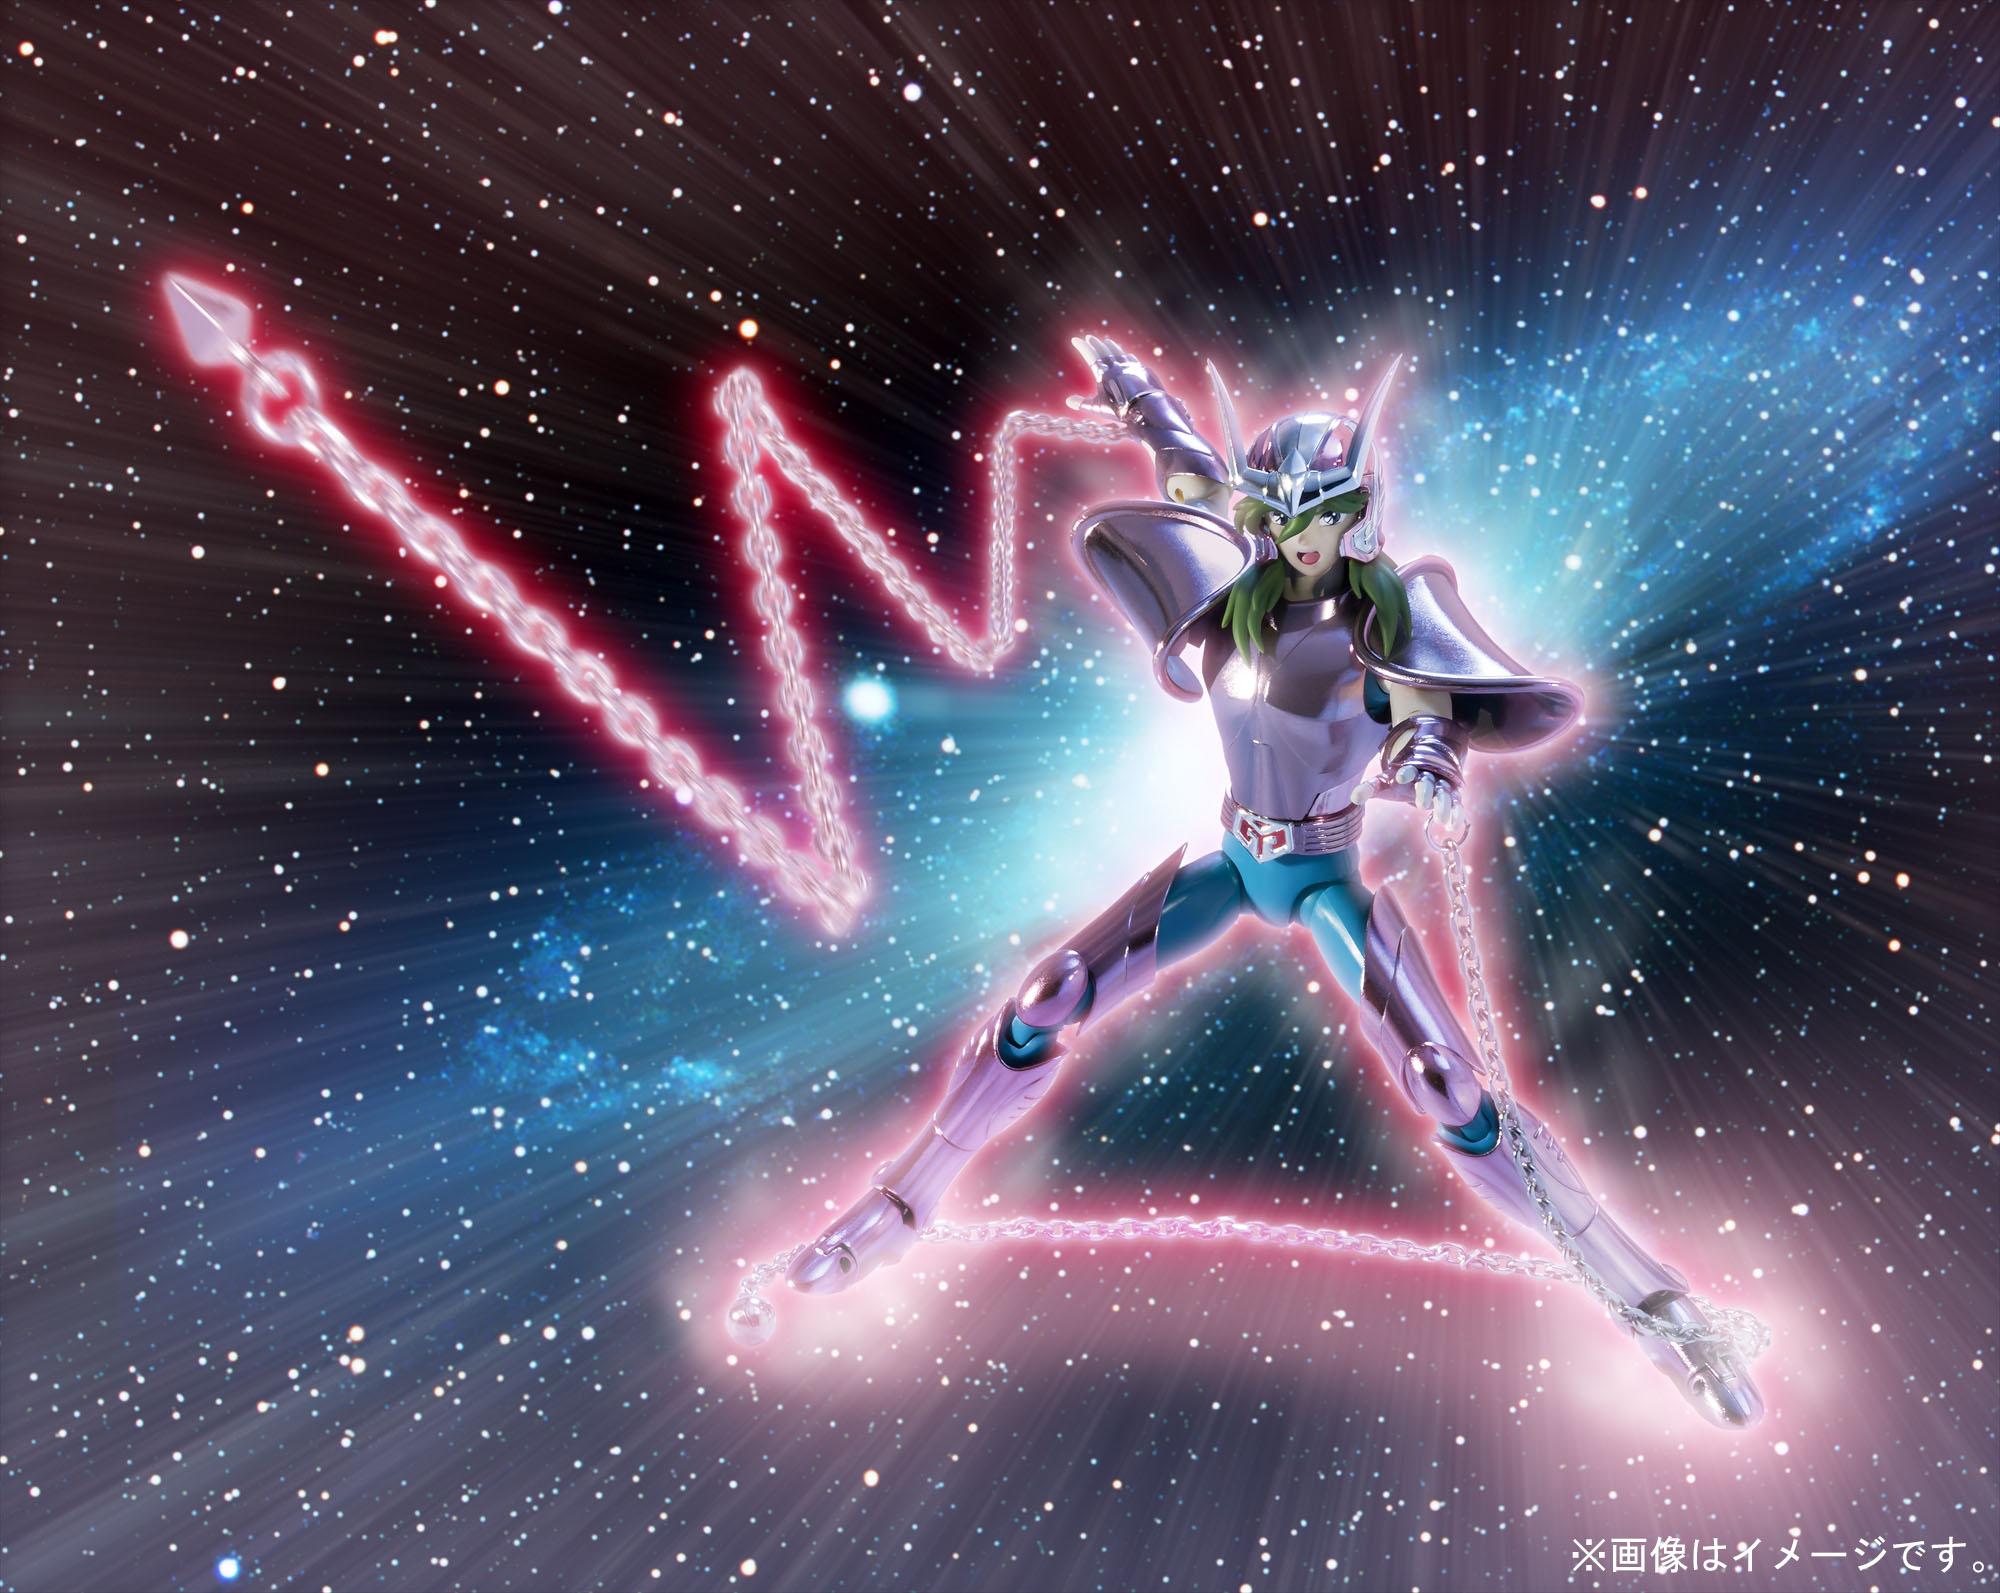 [Comentários] Saint Cloth Myth - Shun de Andromeda V1 Revival Kq7gU8Pk_o